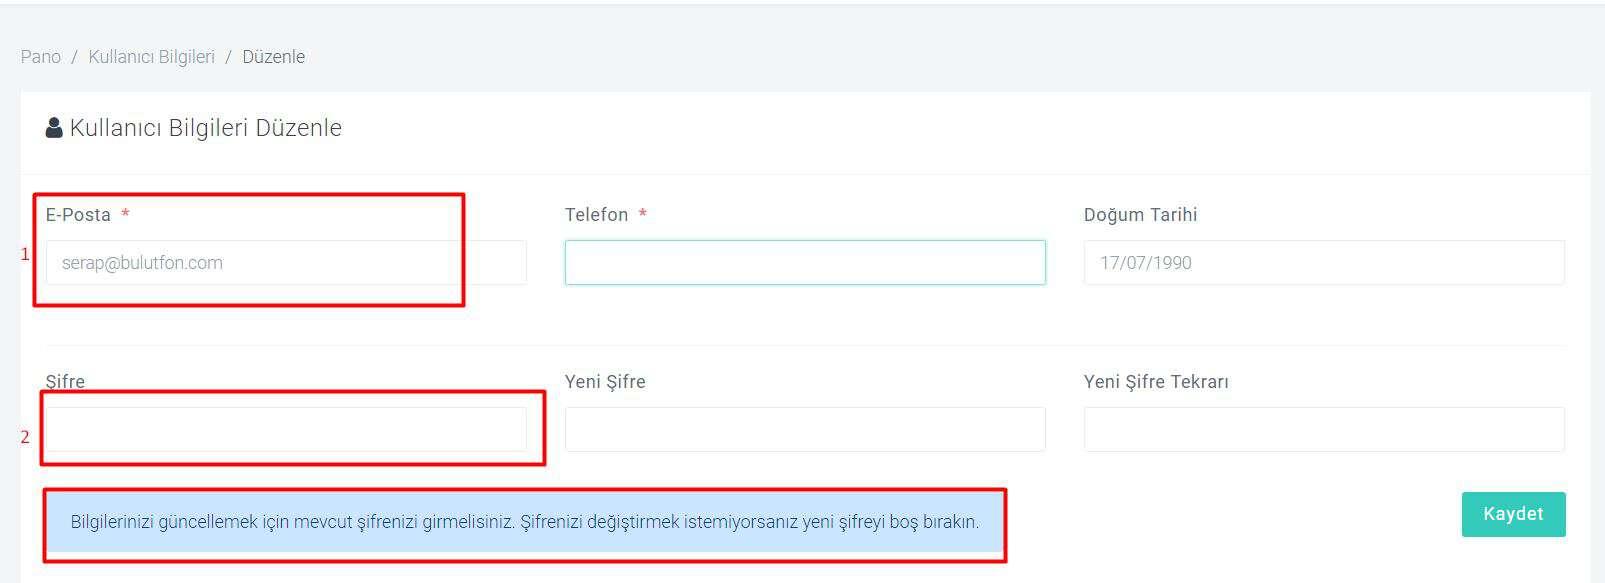 Bulutfon'da kayıtlı olan e-posta adresimi nasıl değiştirebilirim? 2